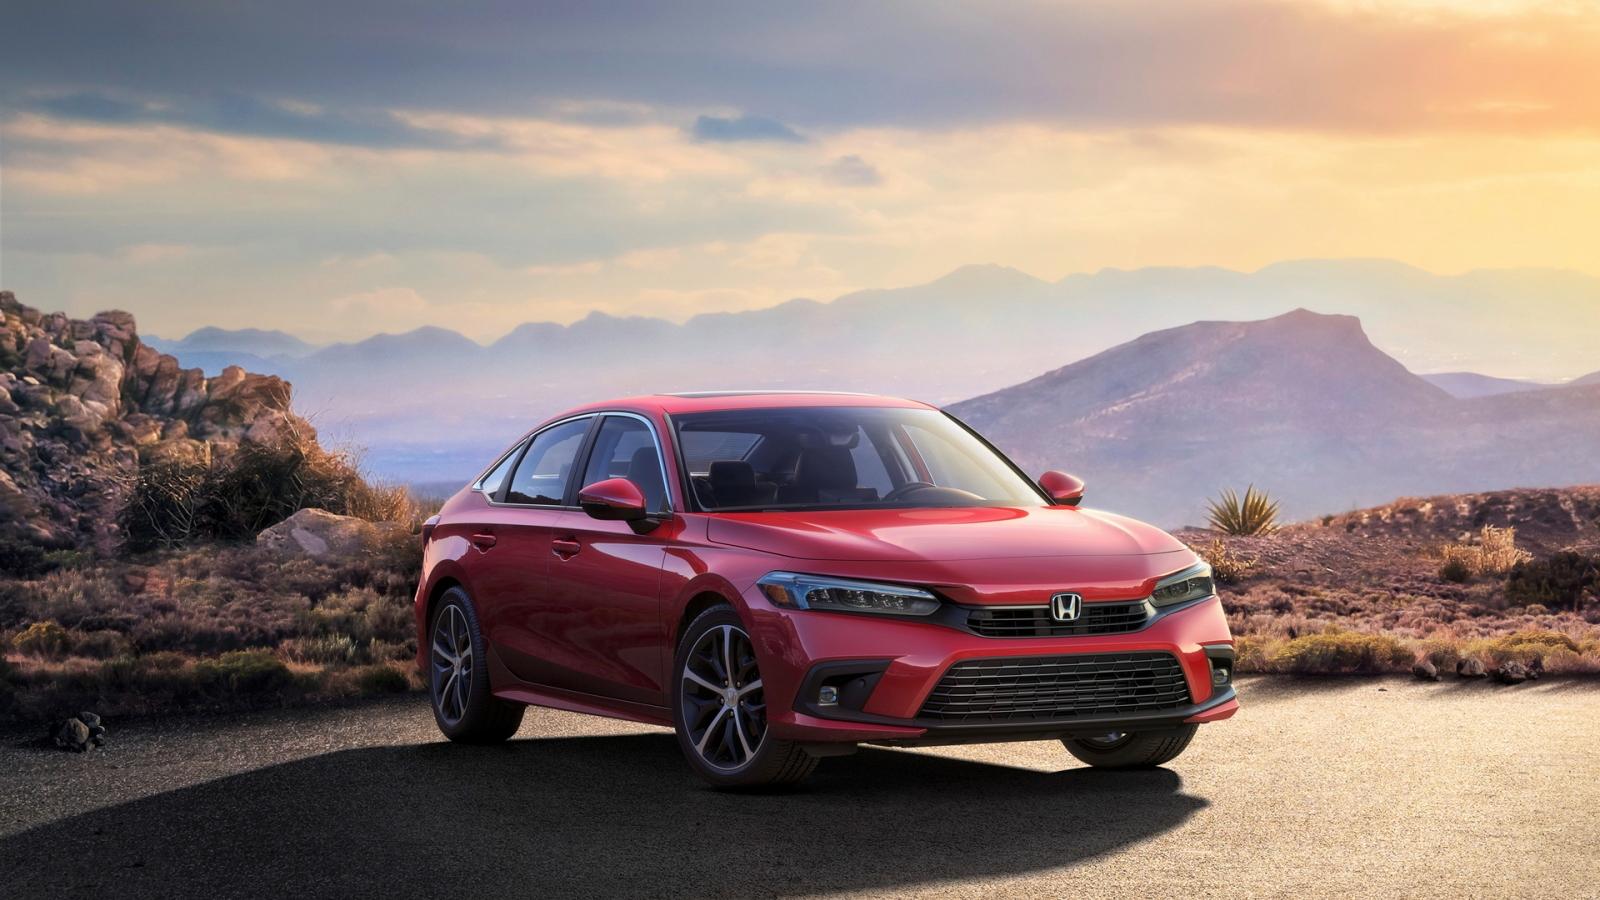 Khám phá Honda Civic 2022 vừa ra mắt